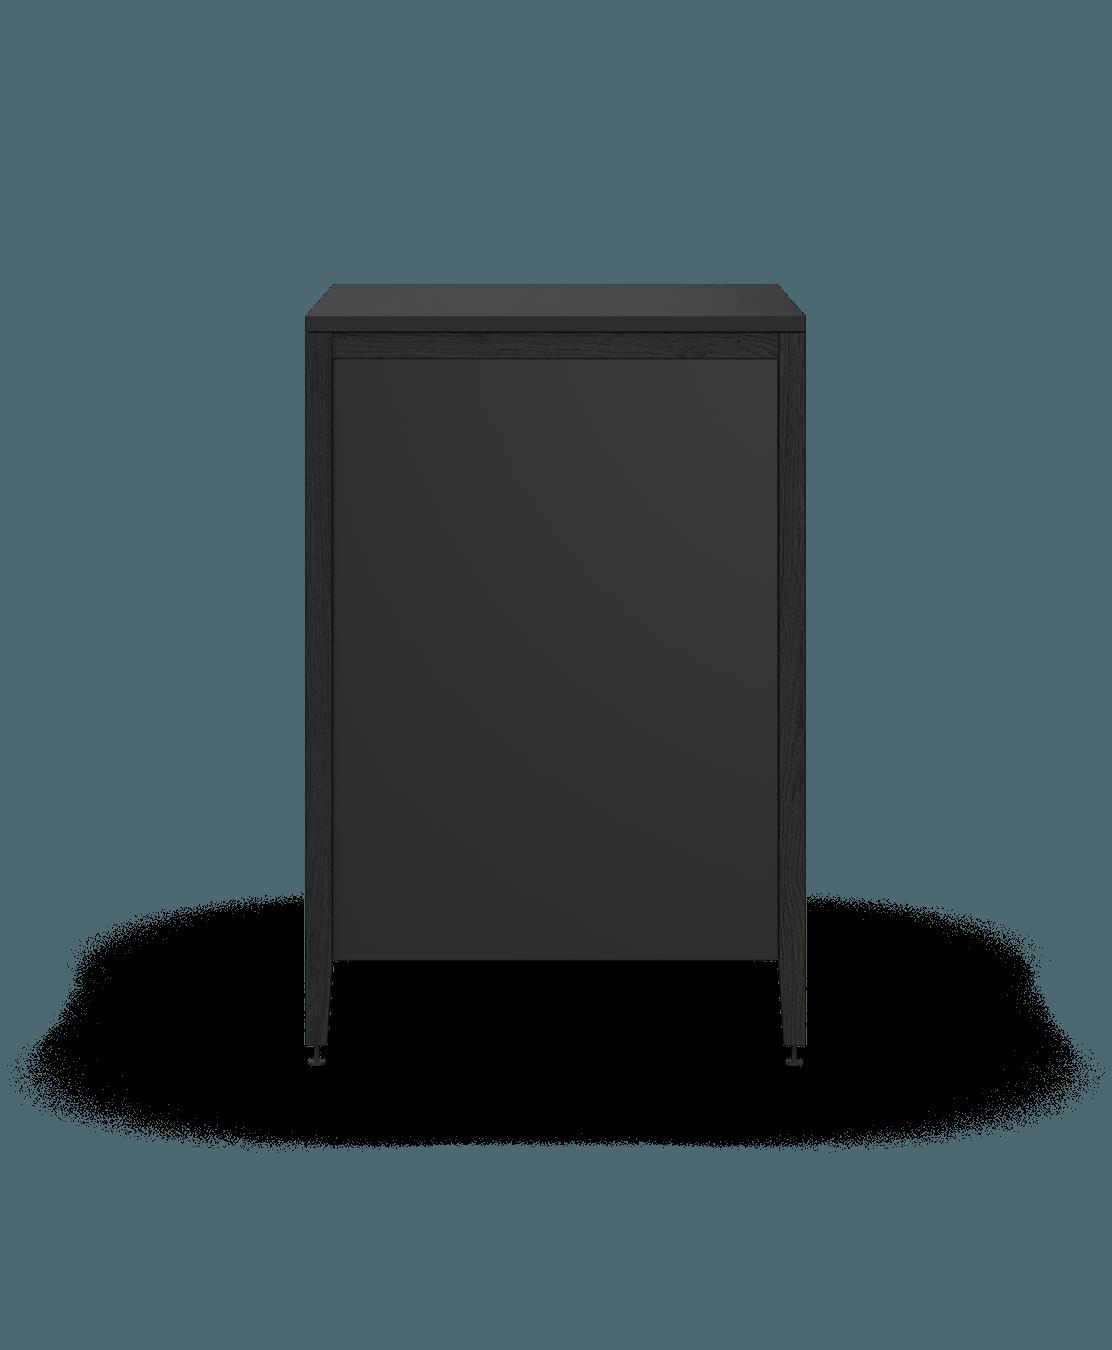 armoire de cuisine modulaire inférieure en bois massif coquo radix avec 3 tiroirs chêne teint noir nuit profonde 24 pouces C1-C-24TB-3002-BK